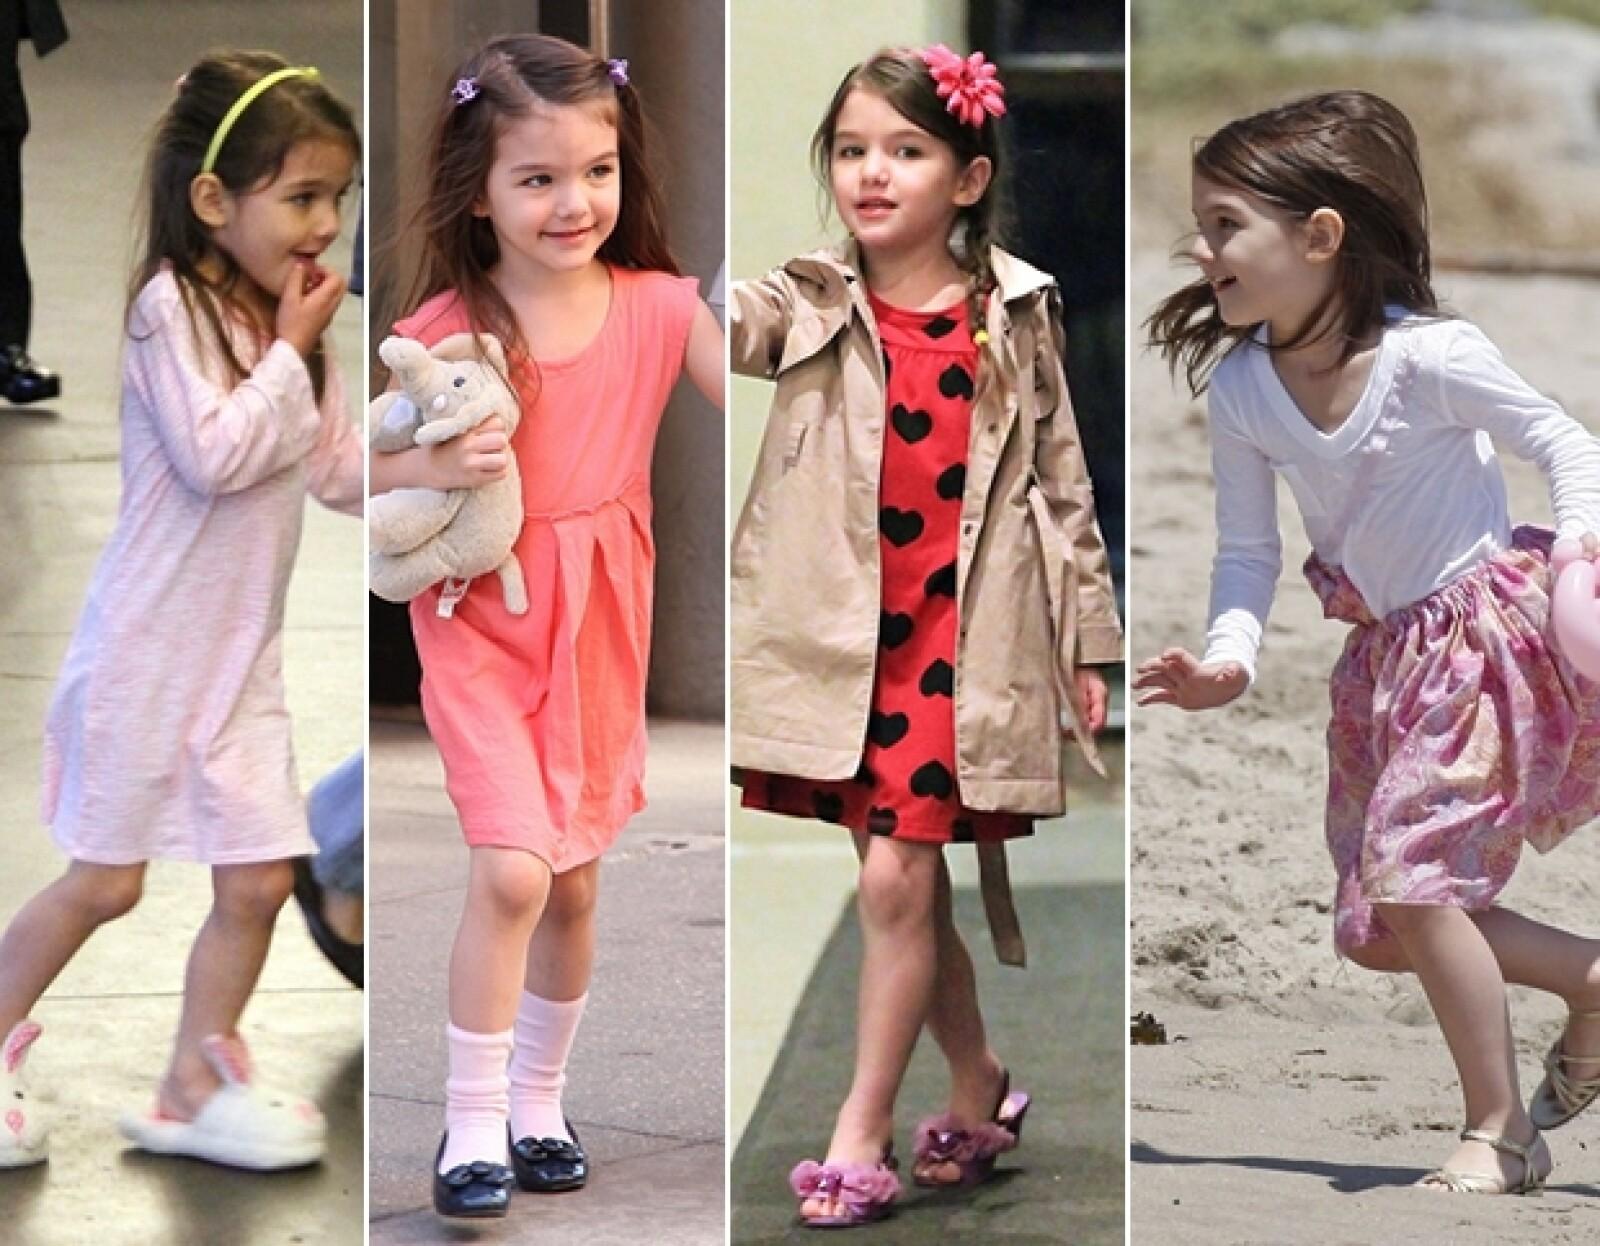 Aún cuando los medios opinen que es una niña demasiado consentida, la verdad es que Suri parece vivir una infancia feliz.